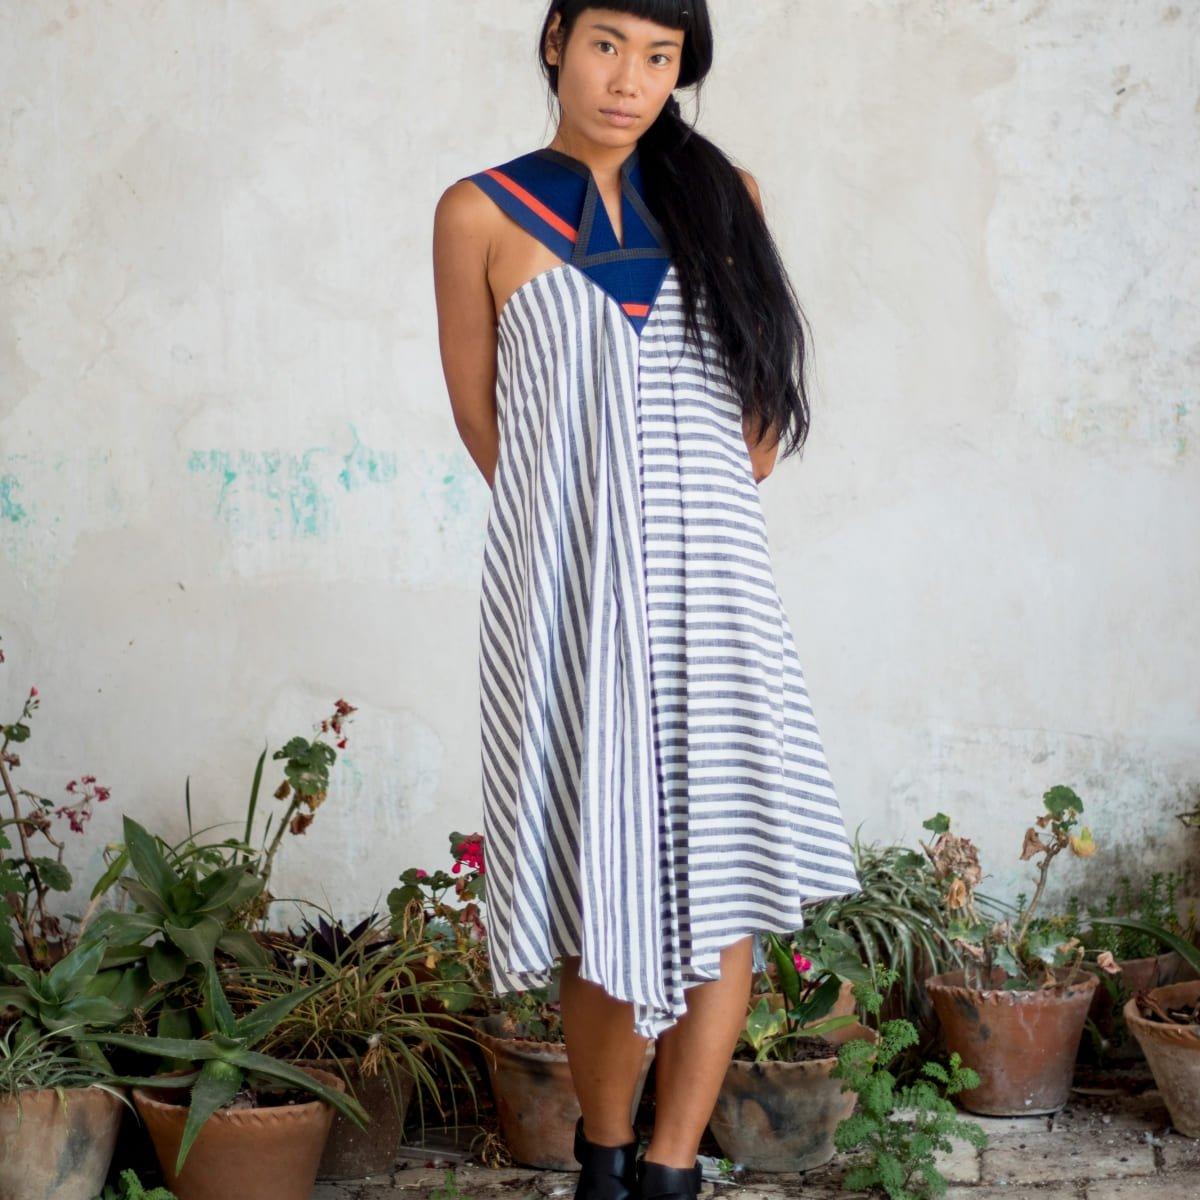 Zacatecas Dress 4